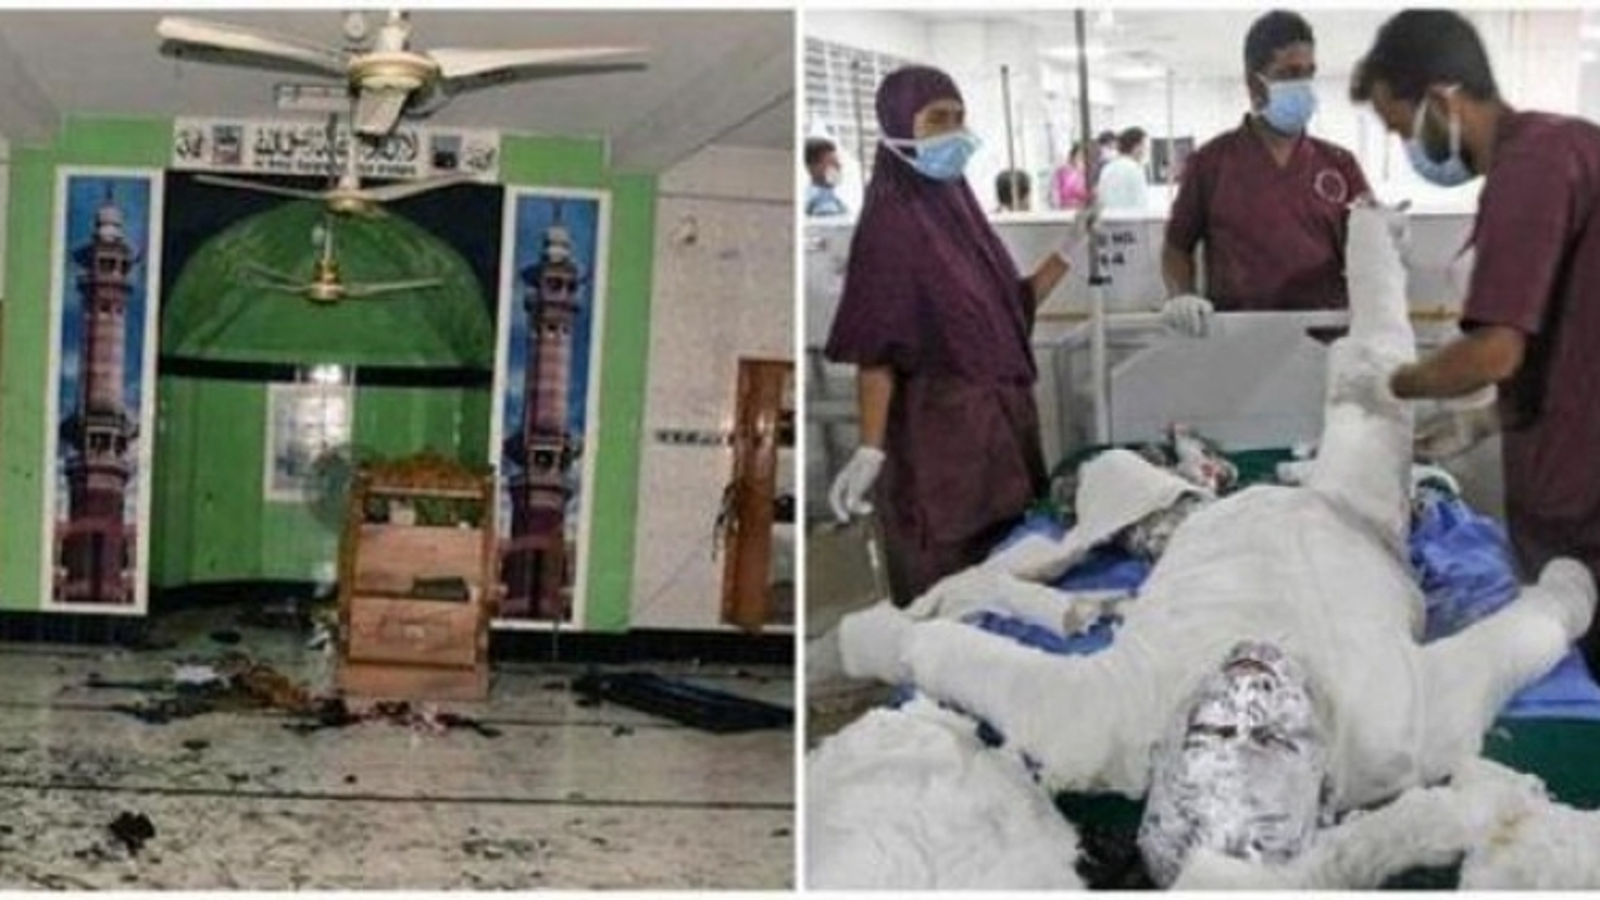 Cập nhật vụ nổ khí Gas tại Nhà thờ Hồi giáo Bangladesh: Thêm nhiều nạn nhân thiệt mạng